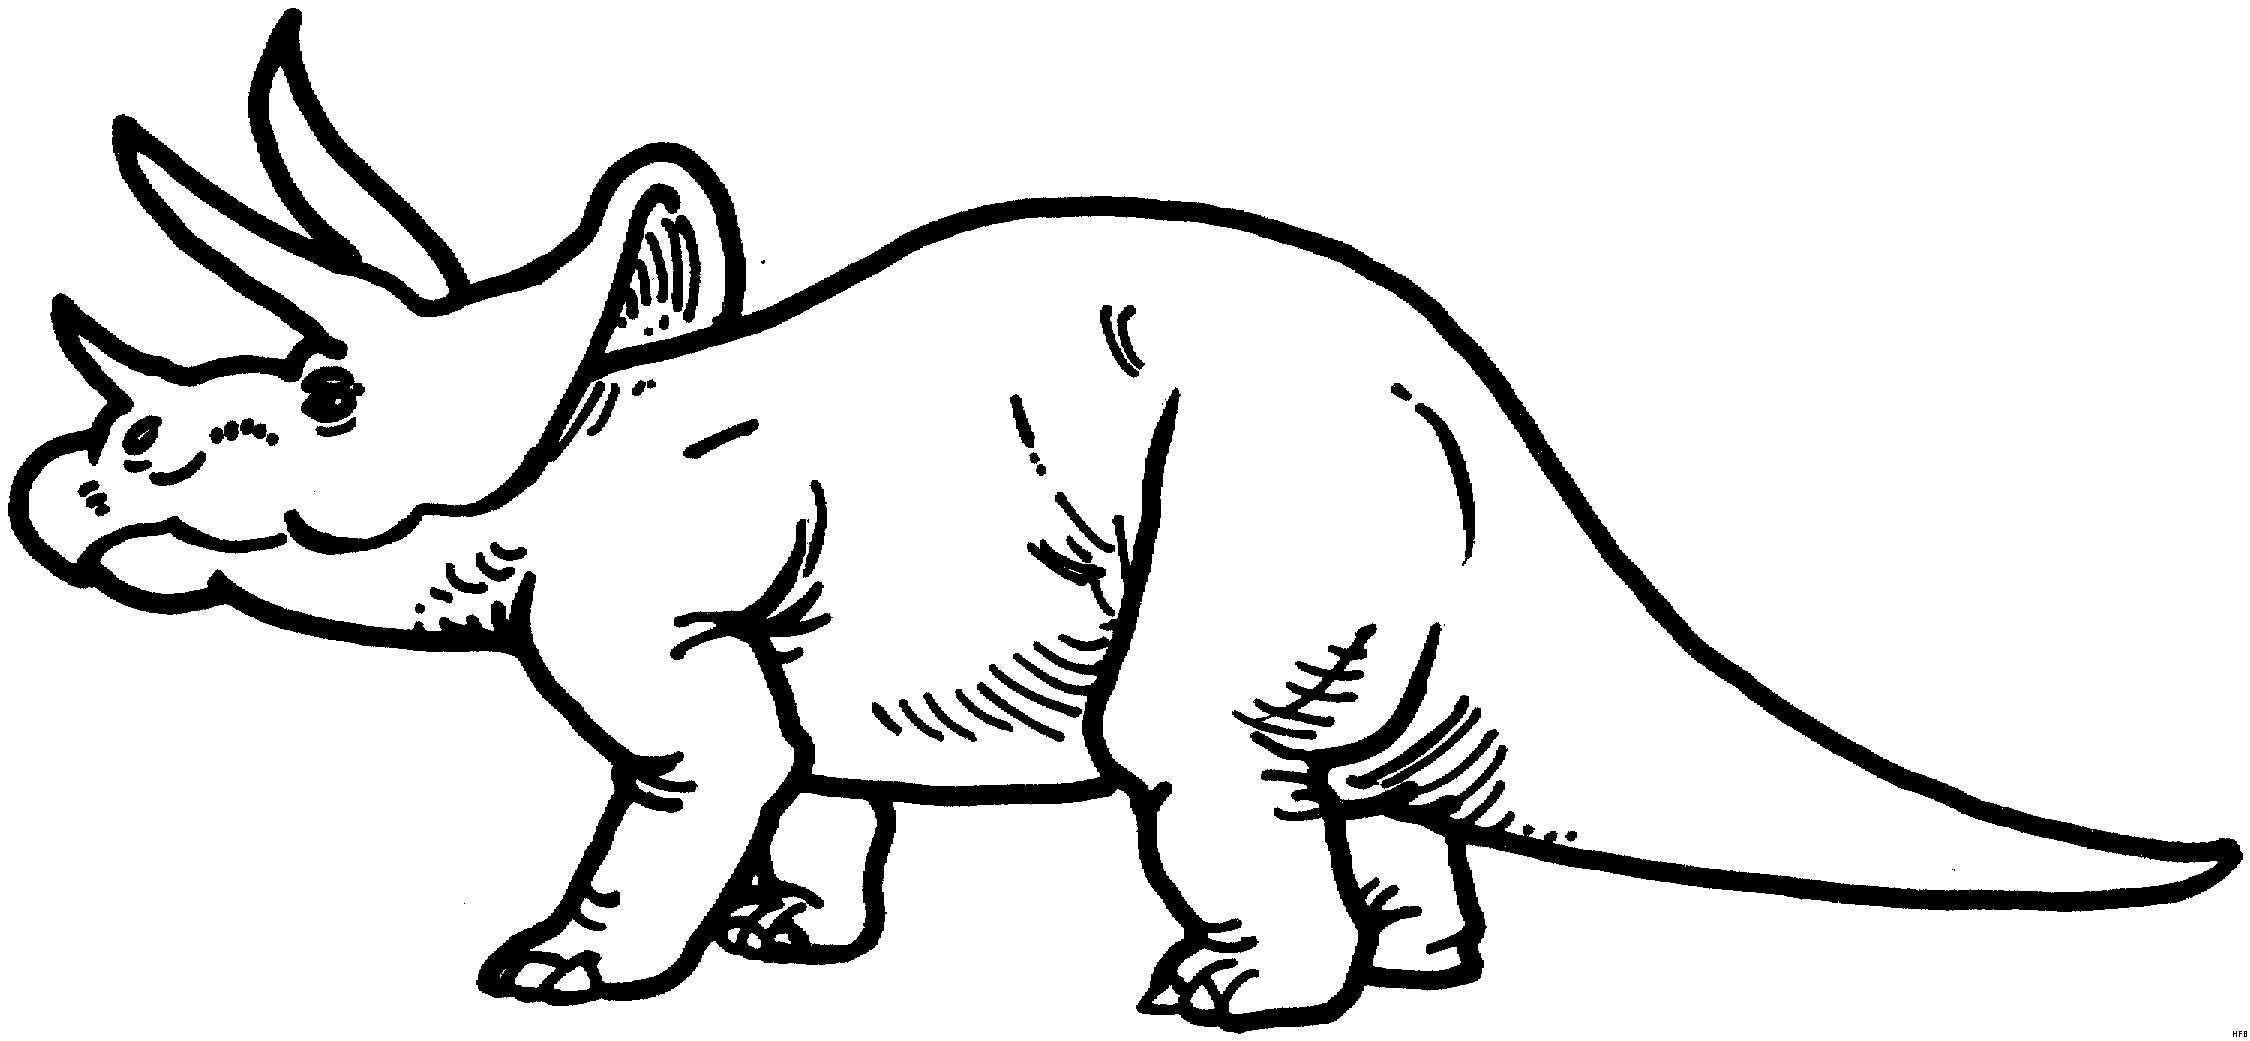 Dinosaurier Malvorlagen Kostenlos In 2020 Dino Ausmalbilder Malvorlage Dinosaurier Kostenlose Malvorlagen